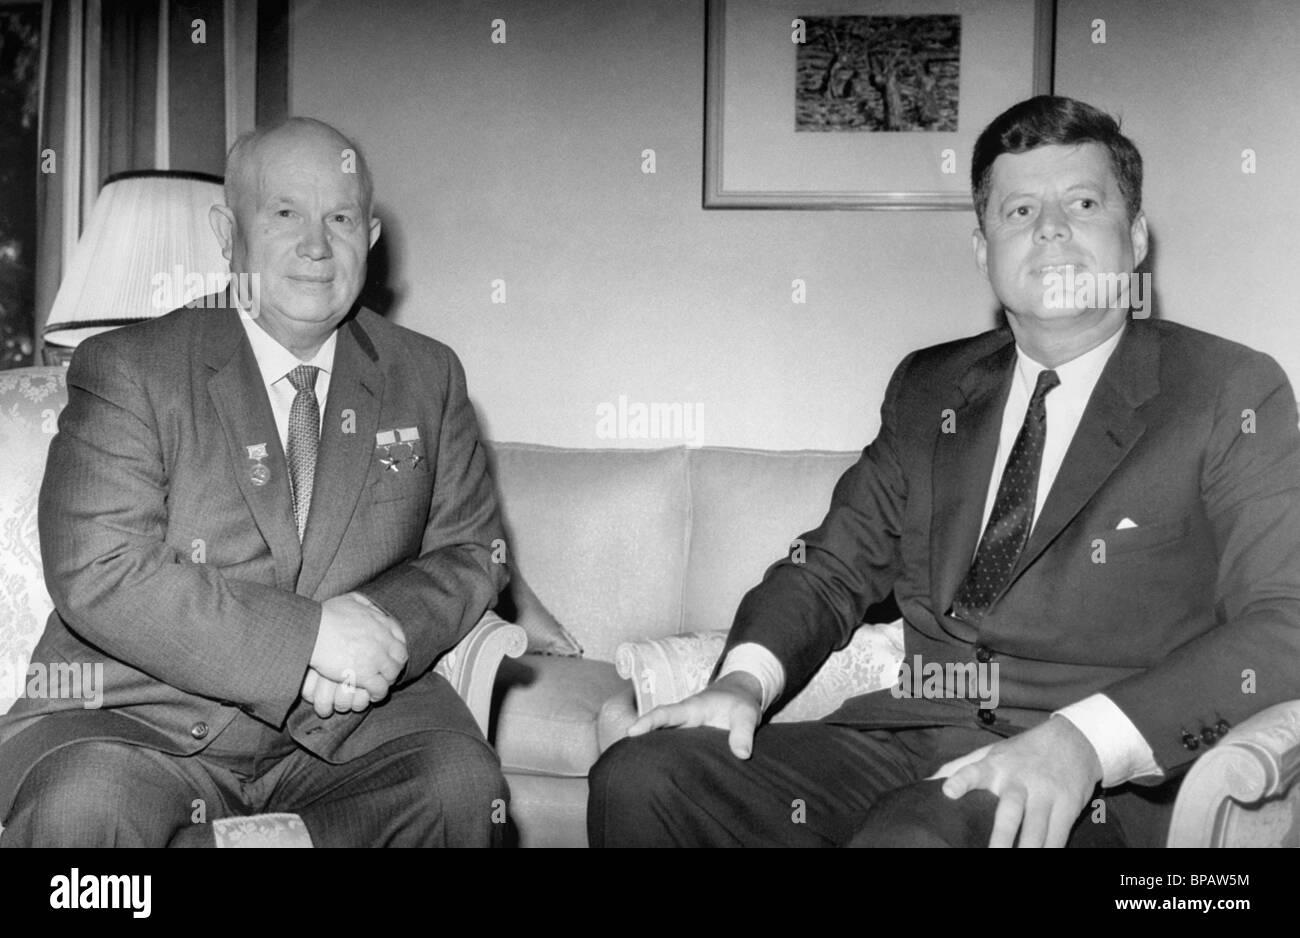 kennedy and khrushchev meet in vienna